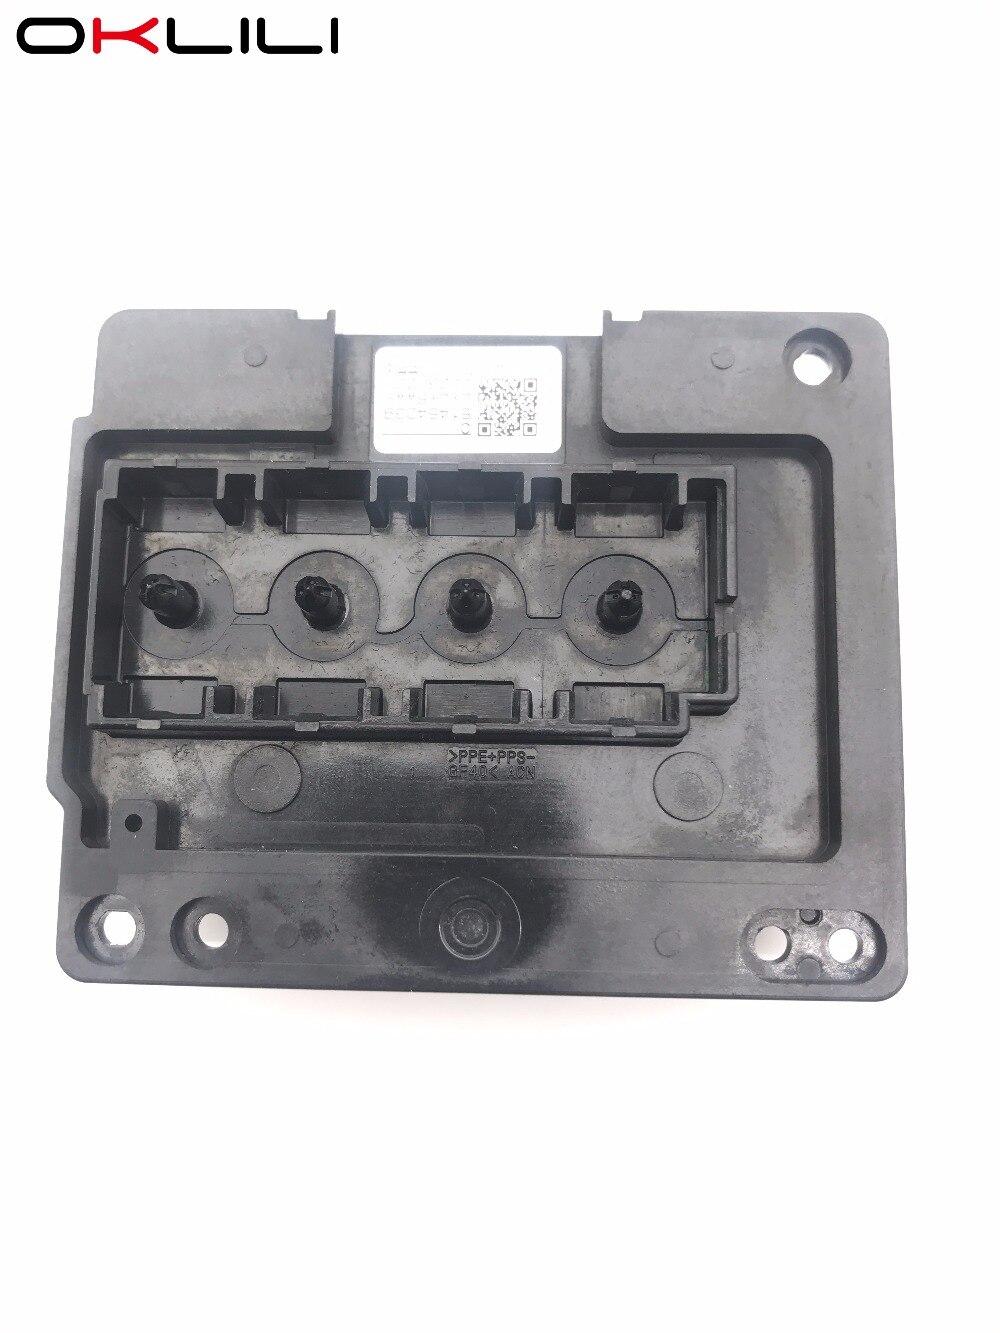 188 T1881 Printhead Print Head for Epson WF-3620 WF-3621 WF-3640 WF-3641 WF-7110 WF-7111 WF-7610 WF-7611 WF-7620 WF-7621 L1455